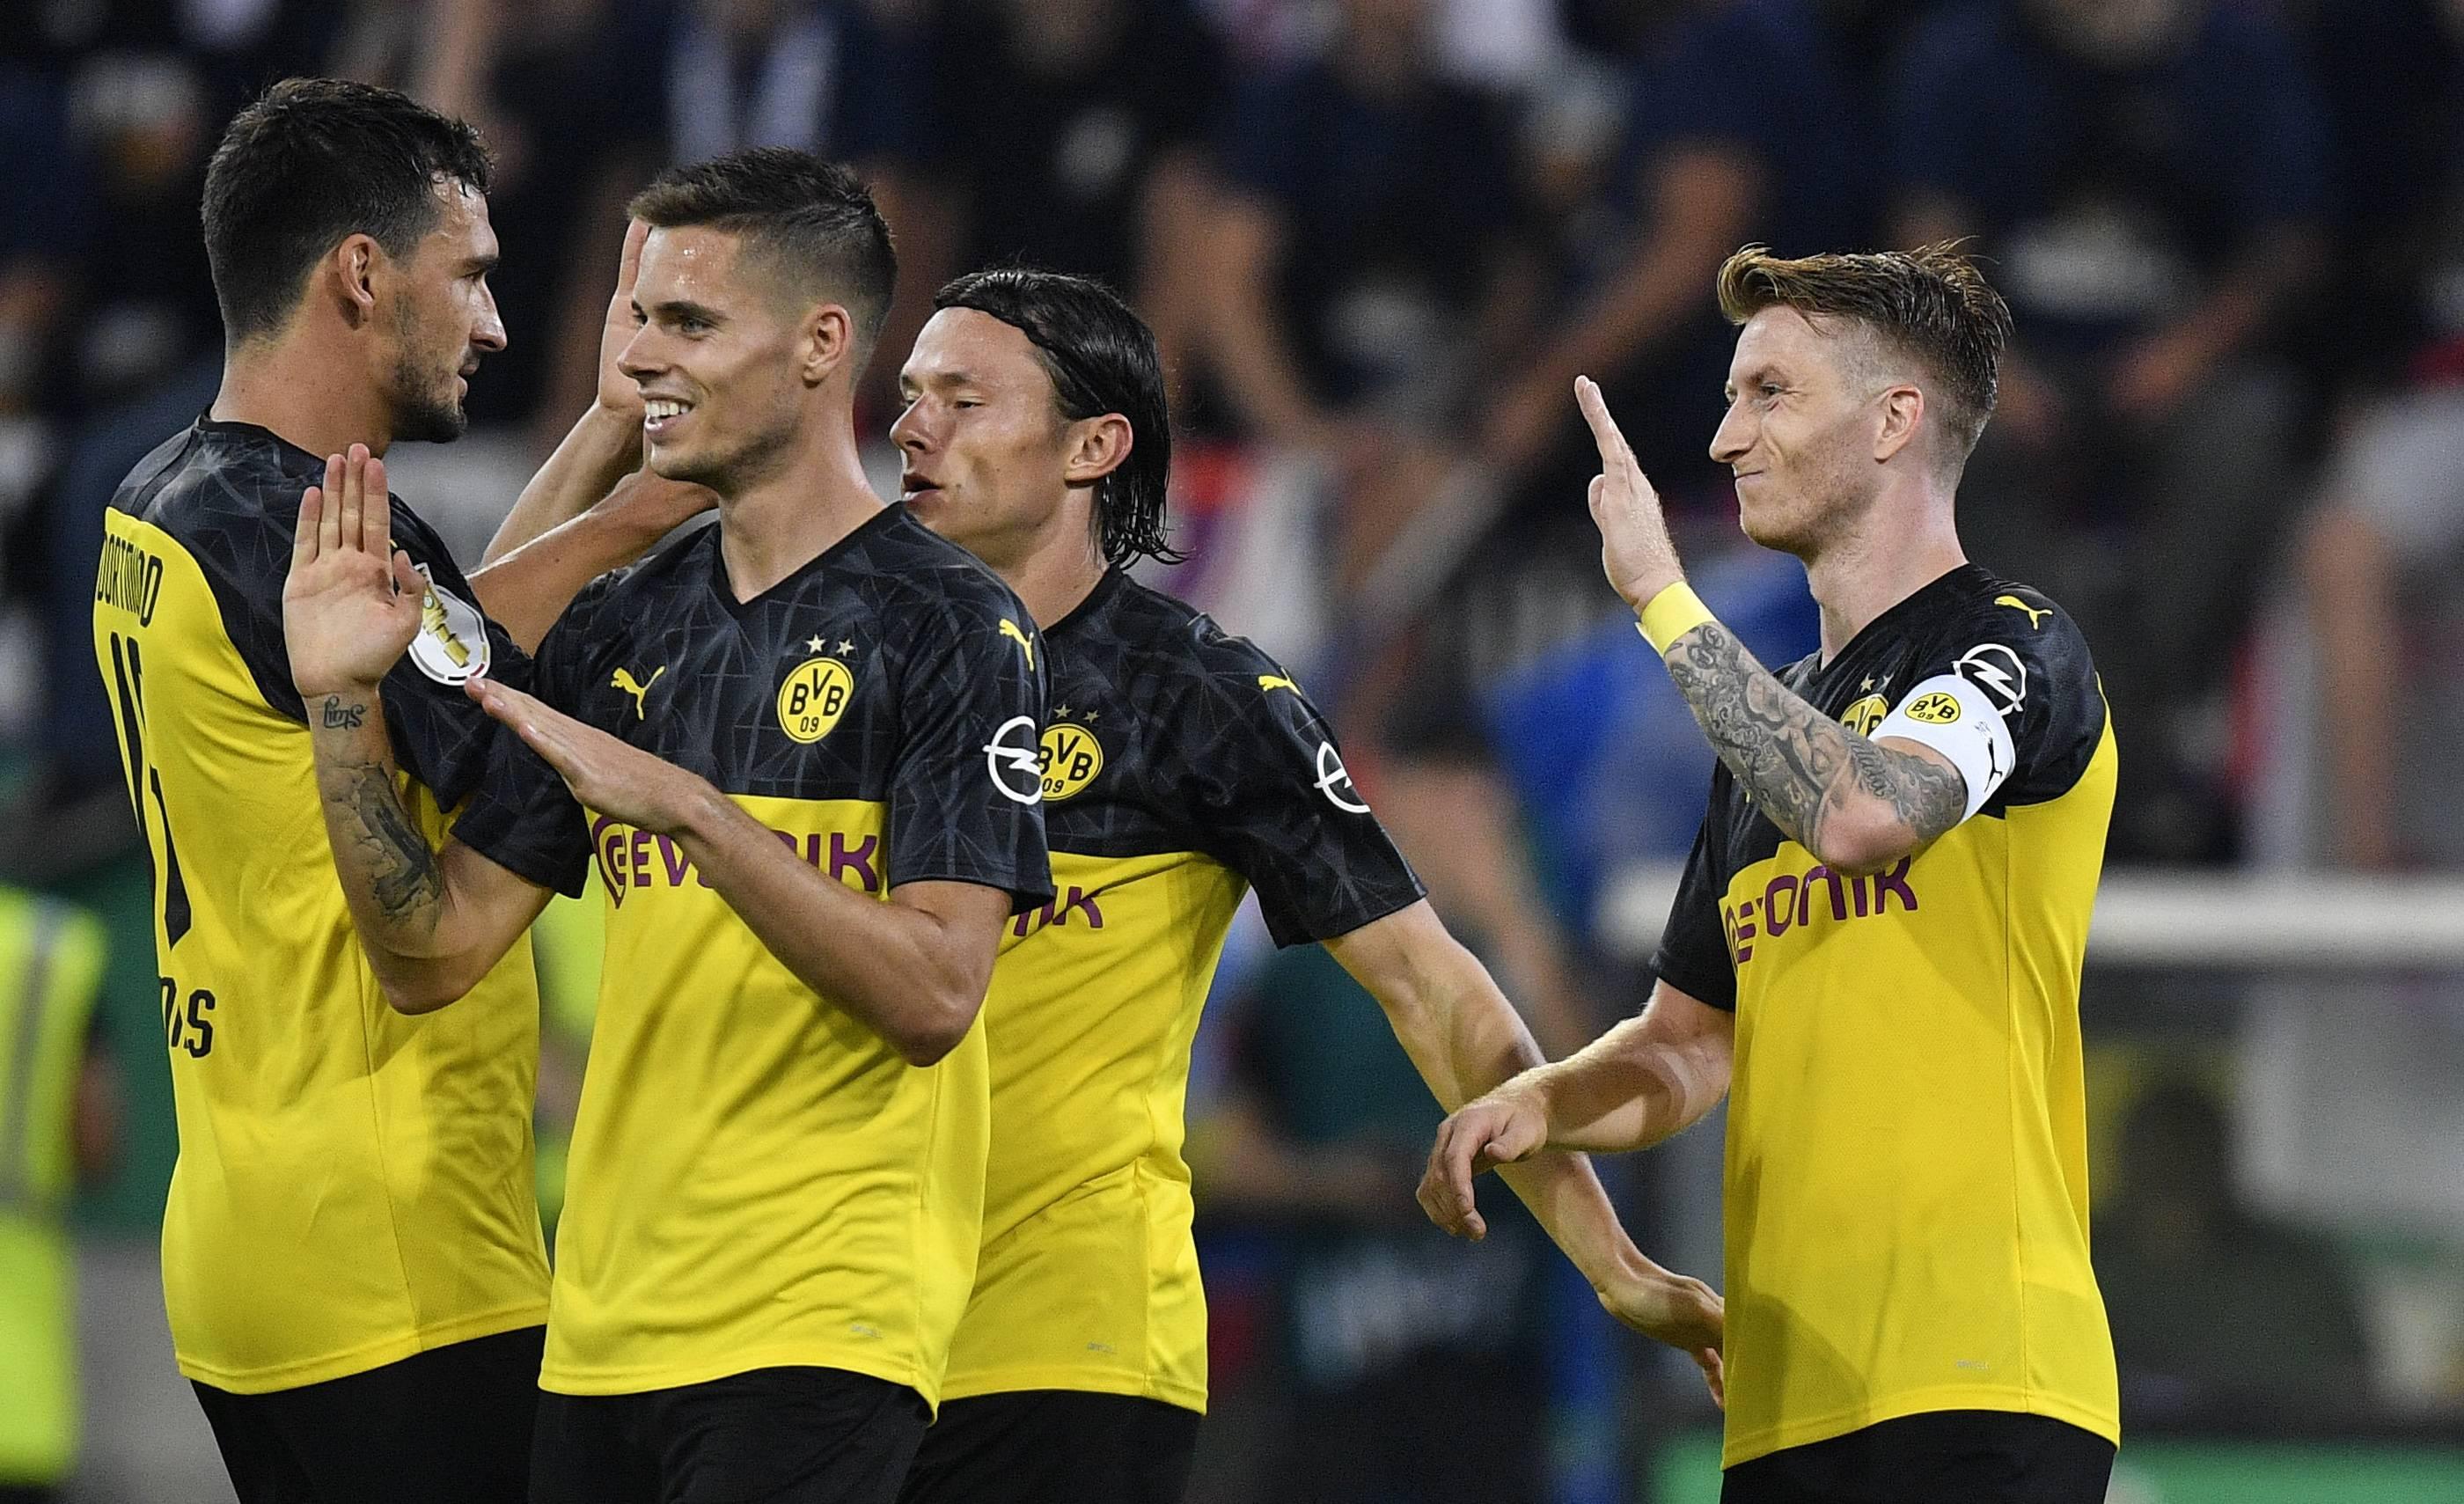 ürdingen Dortmund